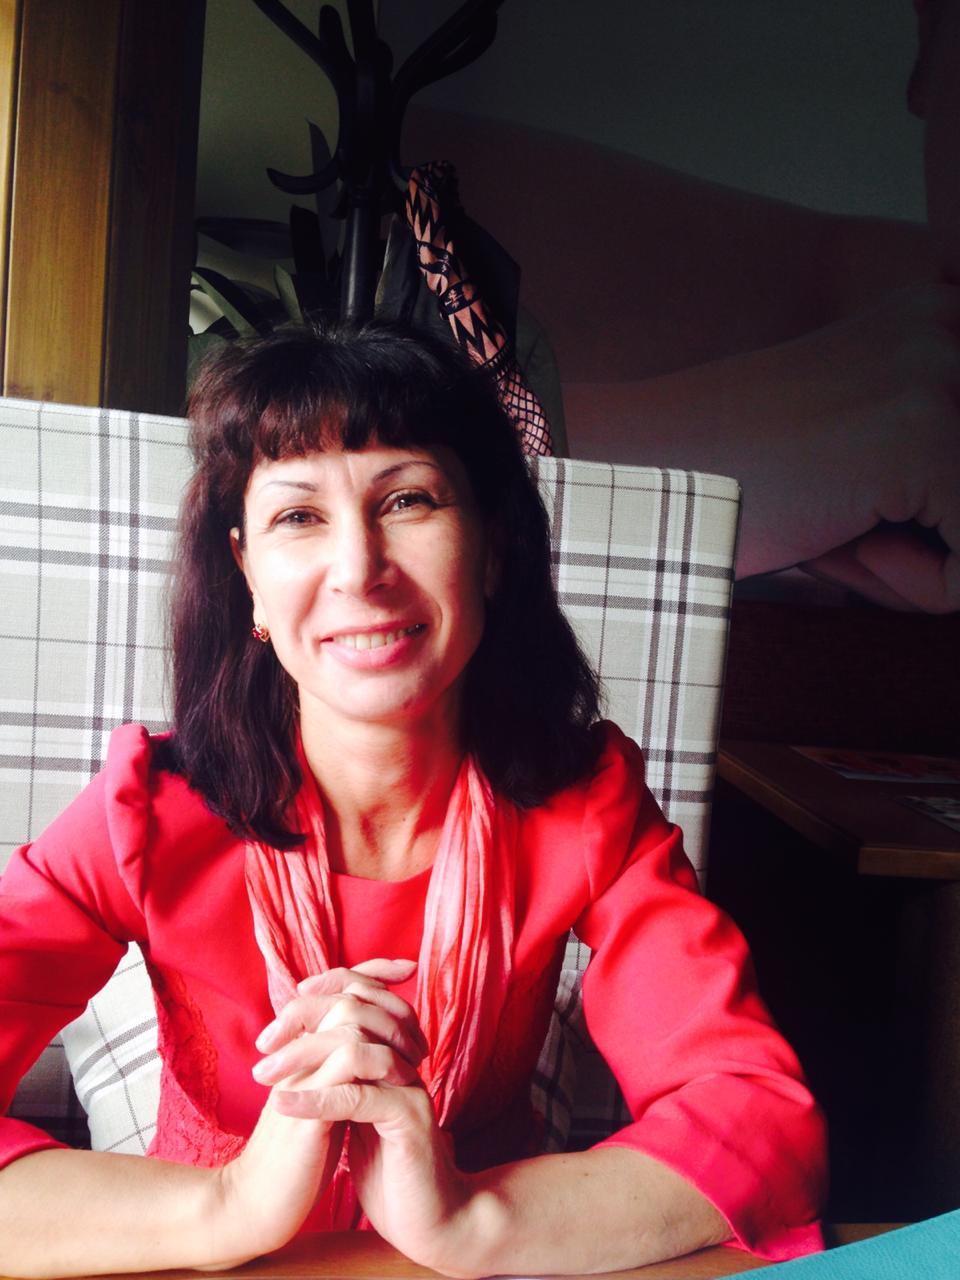 Светлана Буянова пропала в августе 2017 года, в октябре её тело нашли в лесу